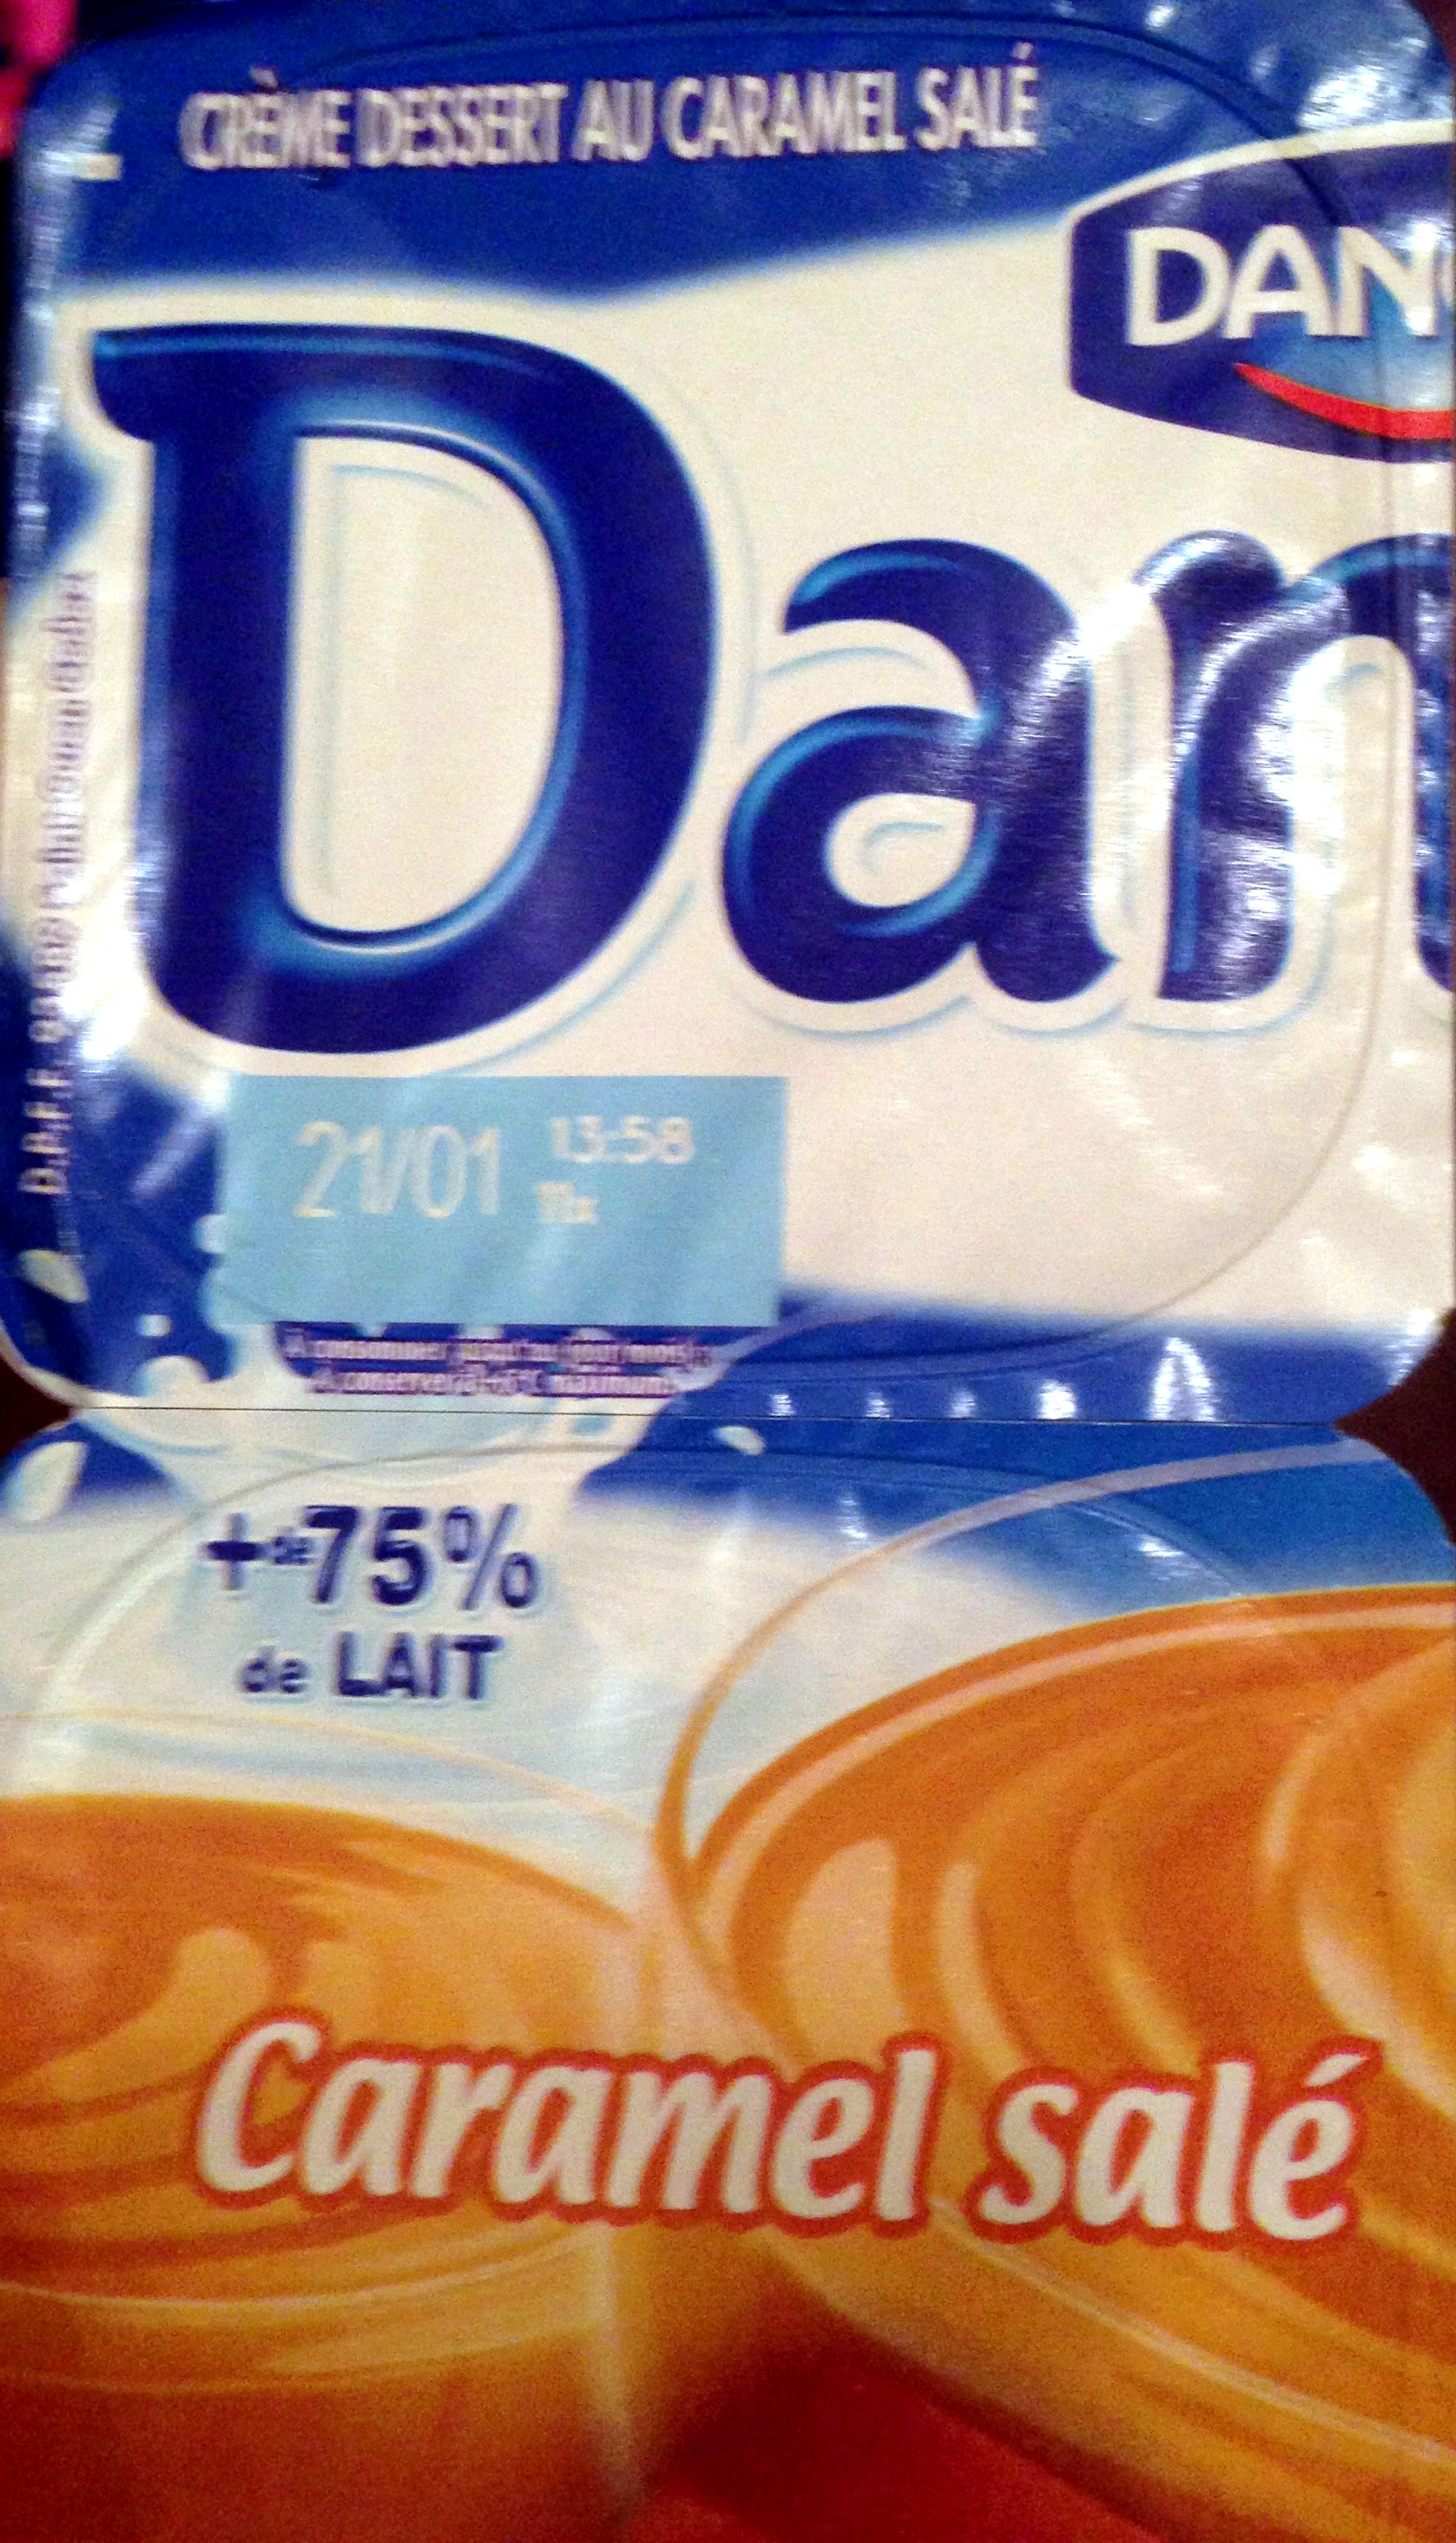 Danette caramel salé - Product